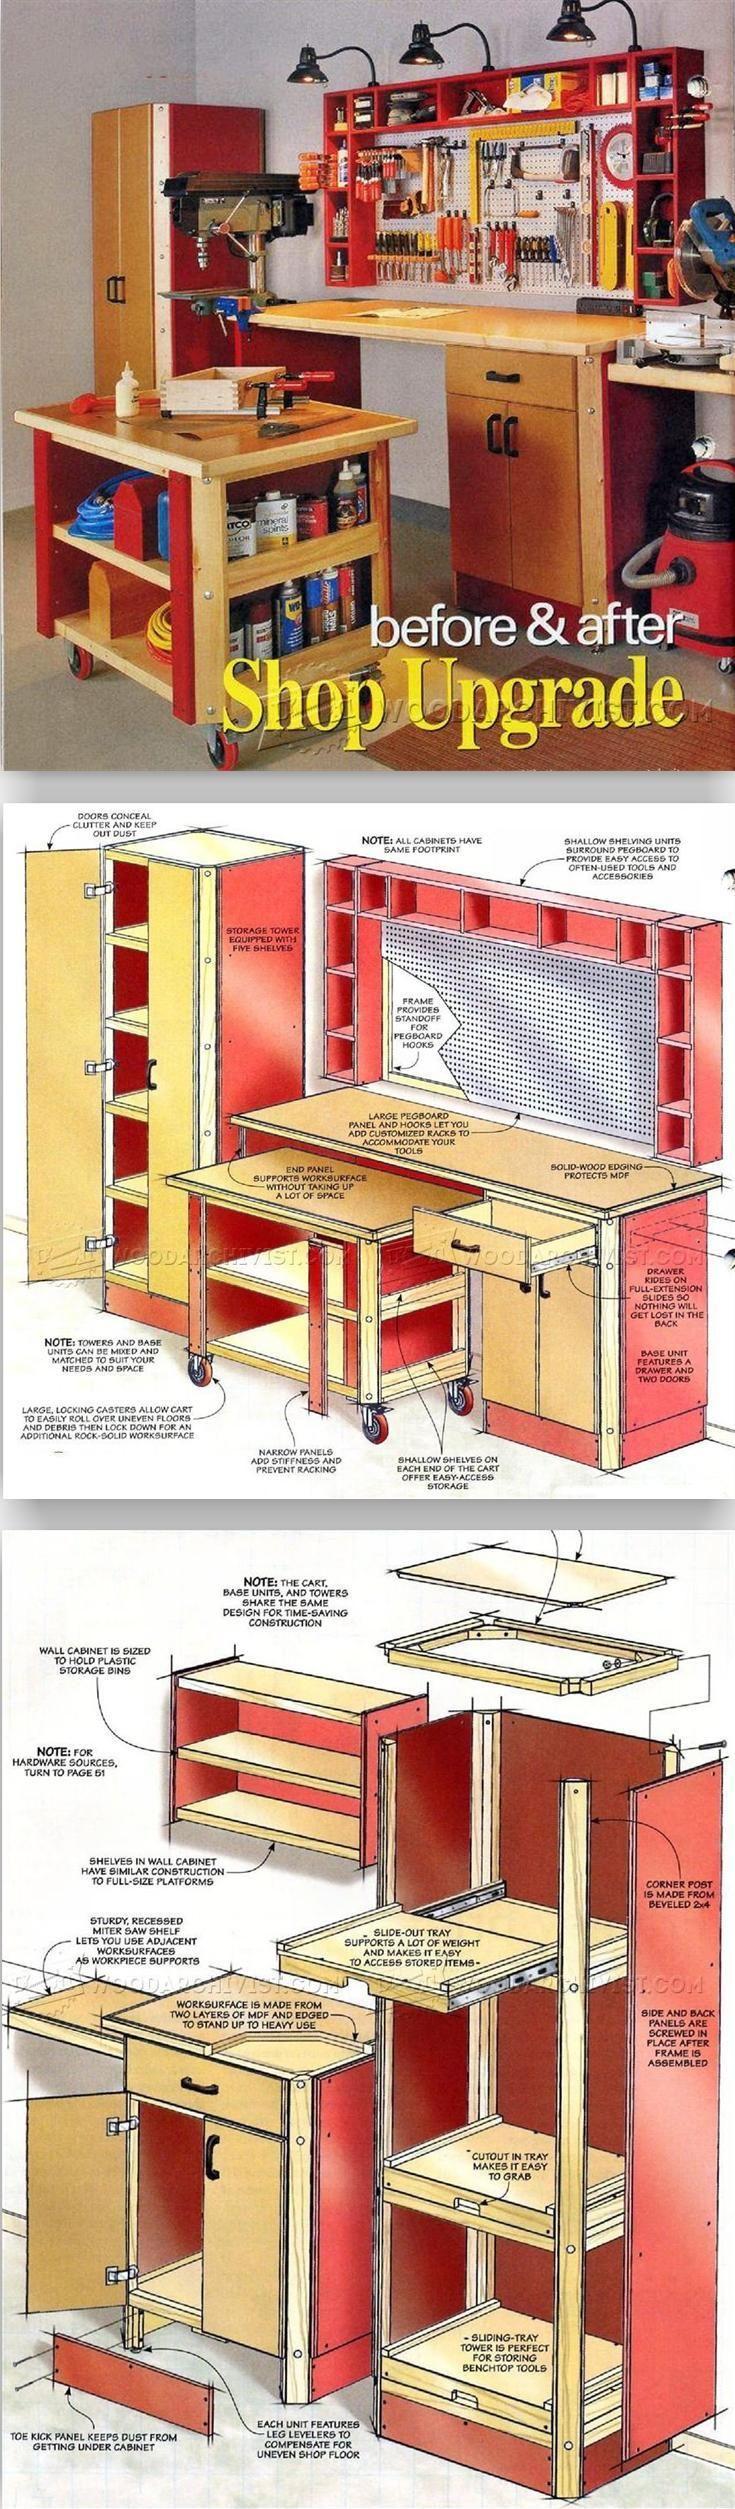 Workshop Upgrade - Workshop Solutions Plans, Tips and Tricks | WoodArchivist.com